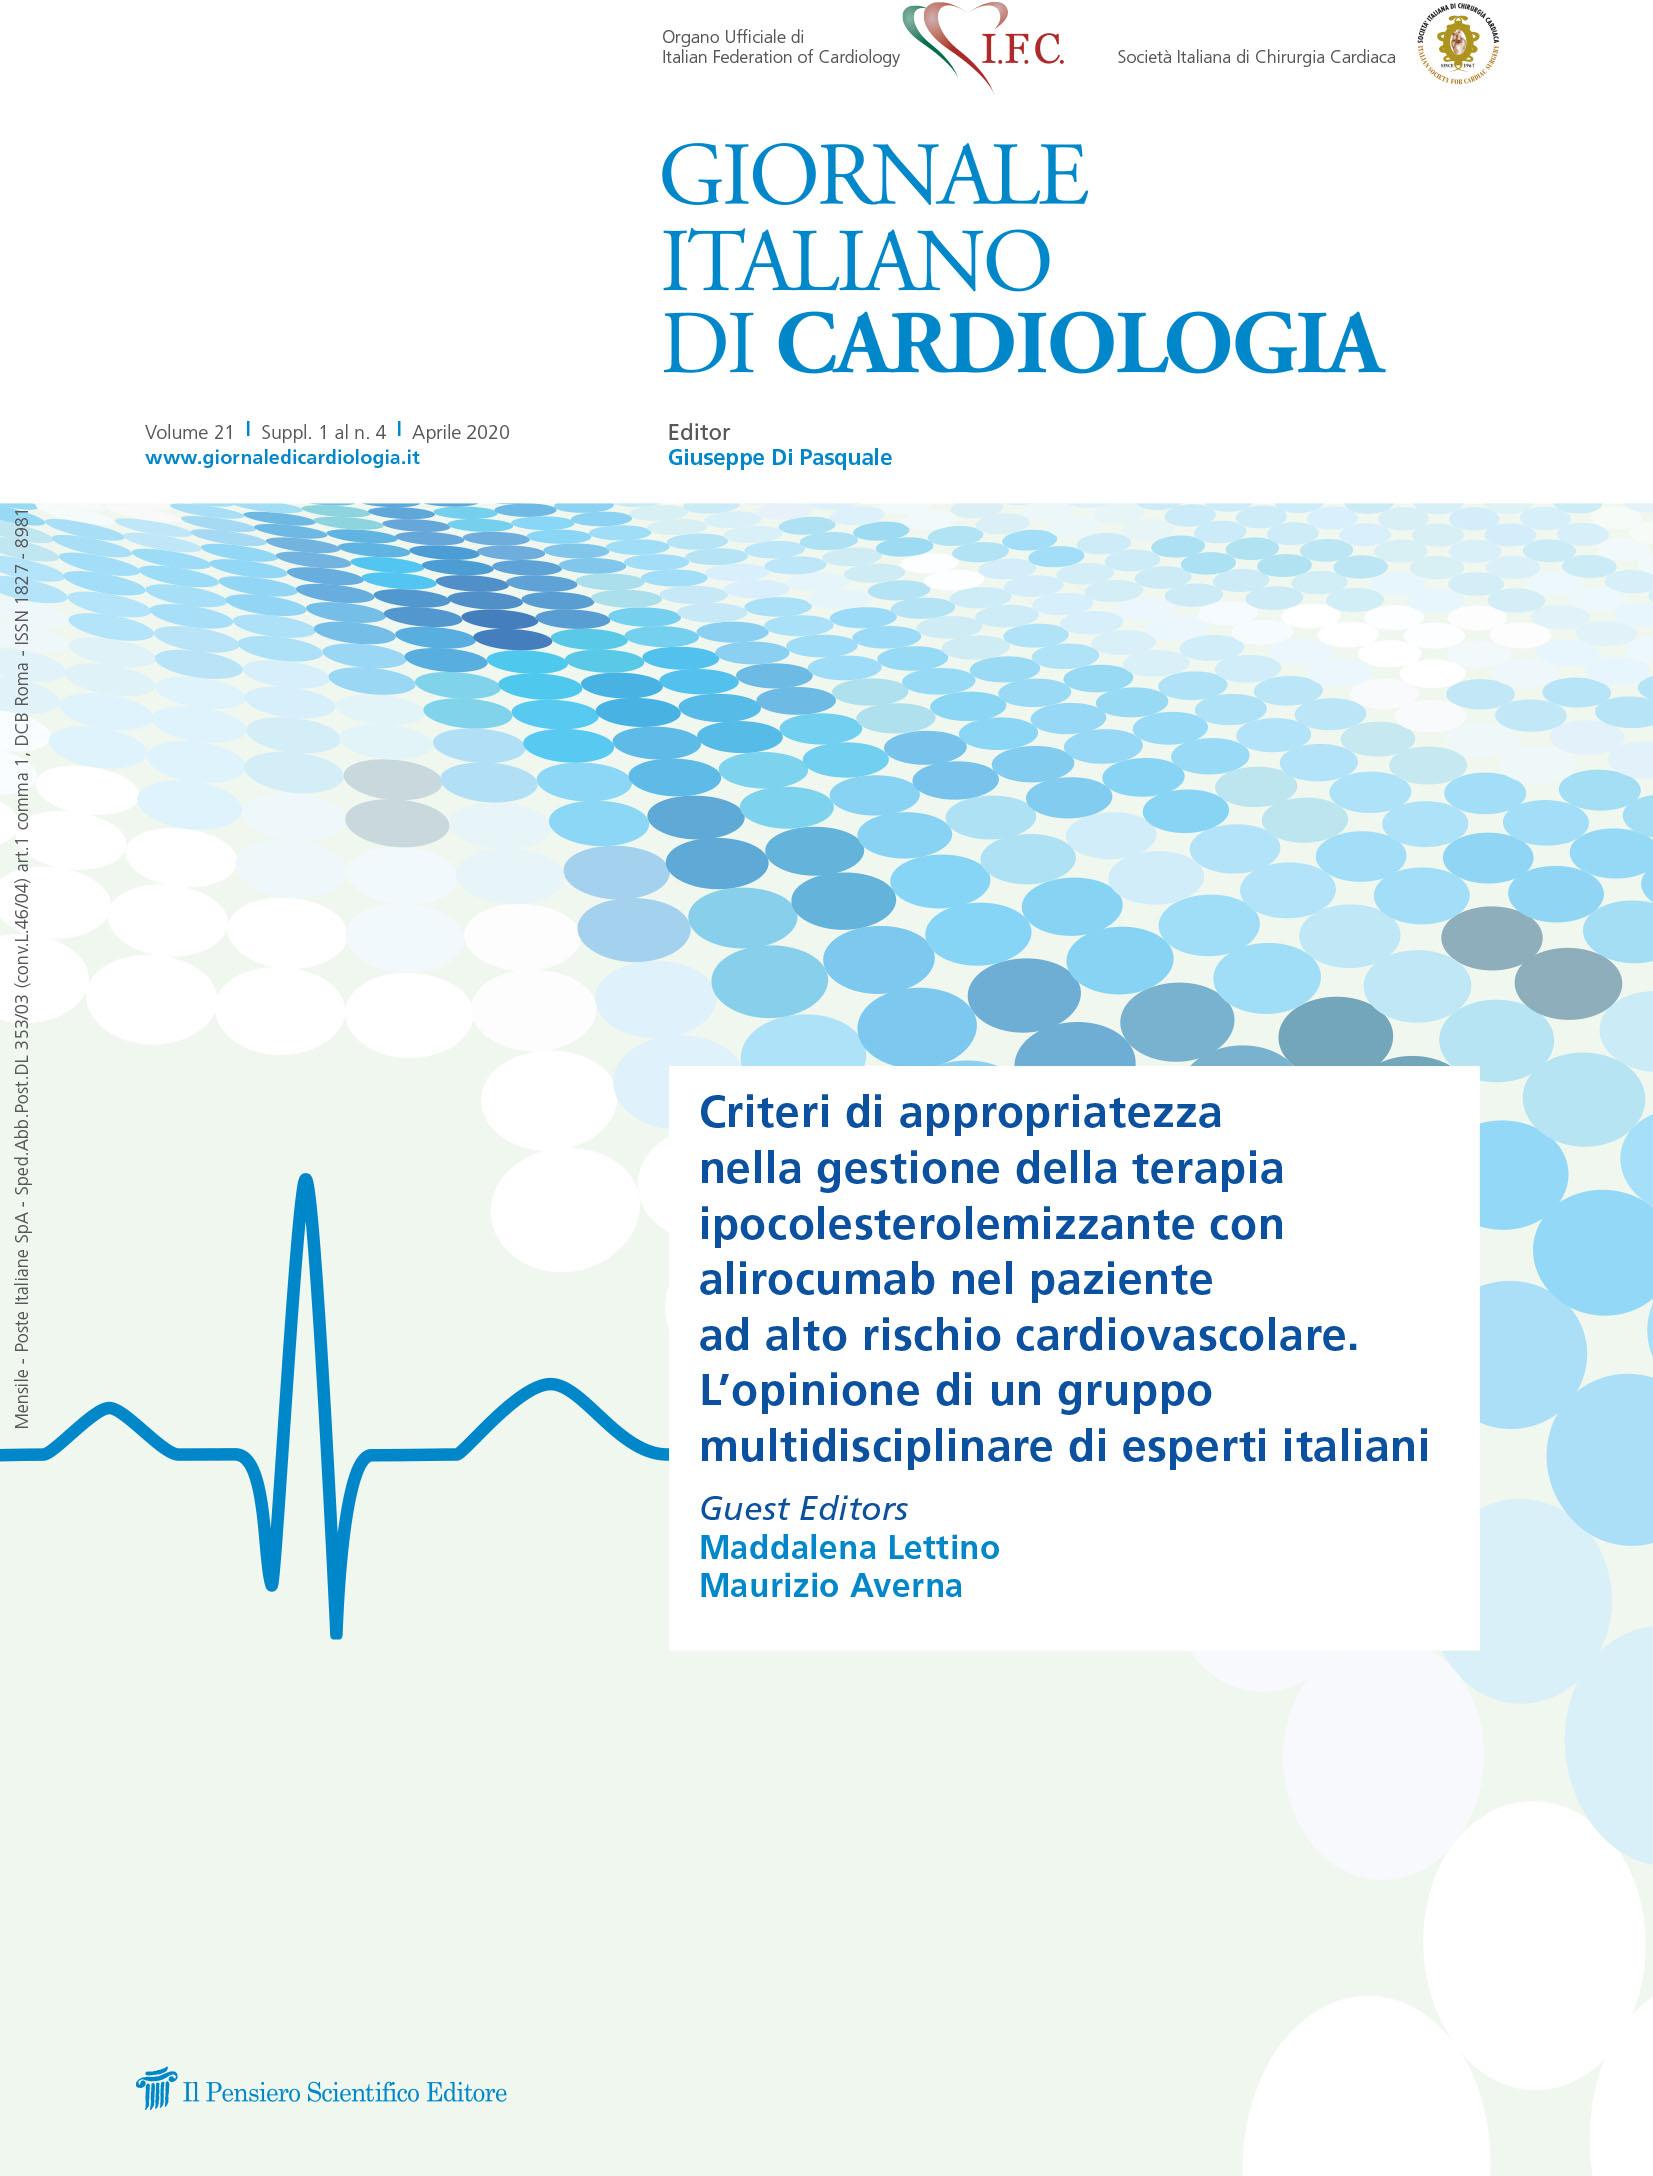 2020 Vol. 21 Suppl. 1 al N. 4 AprileCriteri di appropriatezza nella gestione della terapia ipocolesterolemizzante con alirocumab nel paziente ad alto rischio cardiovascolare